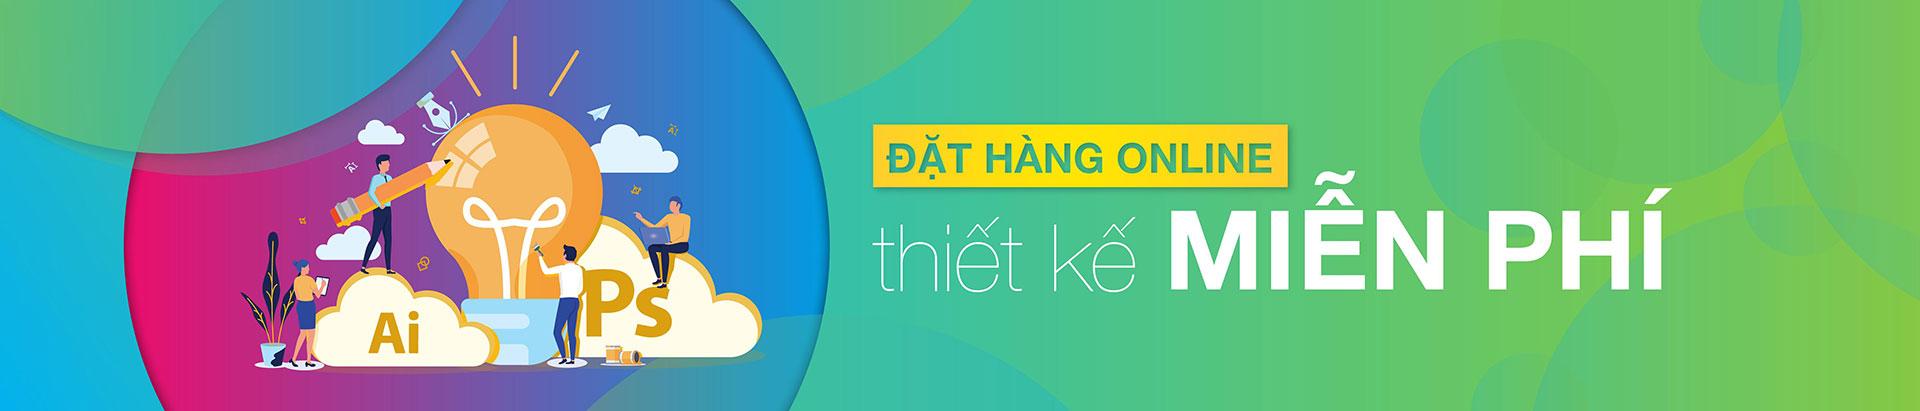 dat-hang-online-thiet-ke-mien-phi